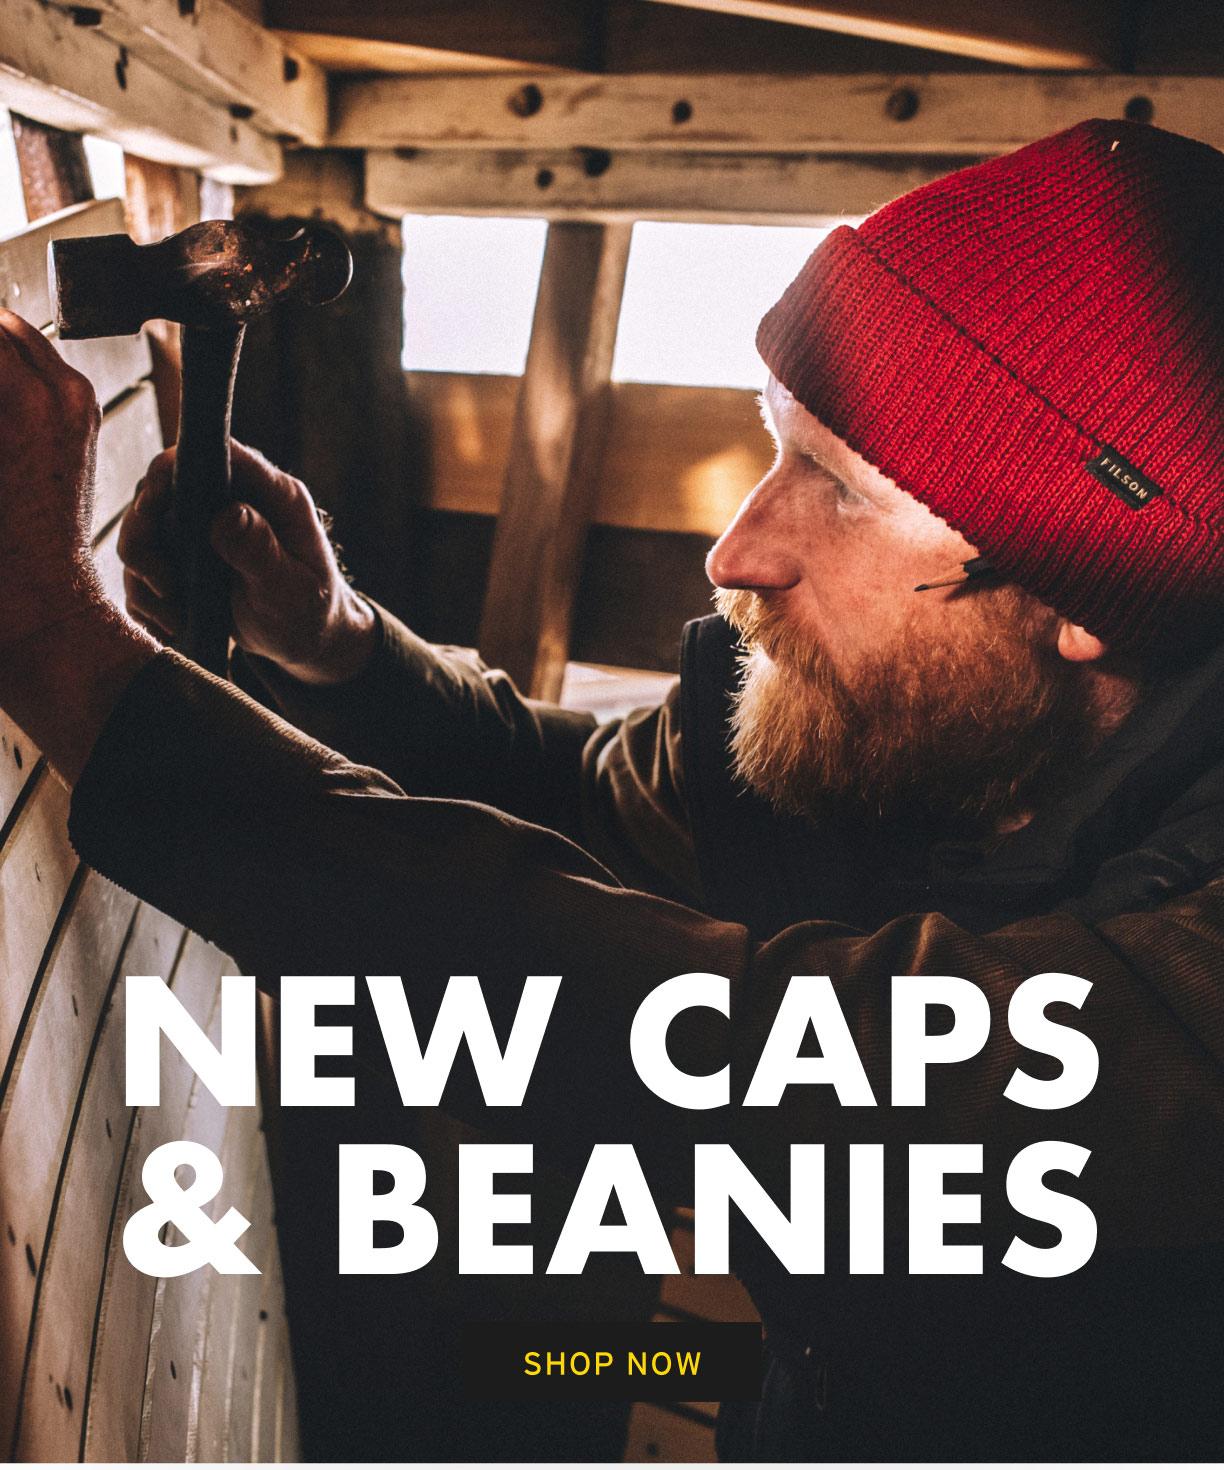 SHOP HATS & BEANIES